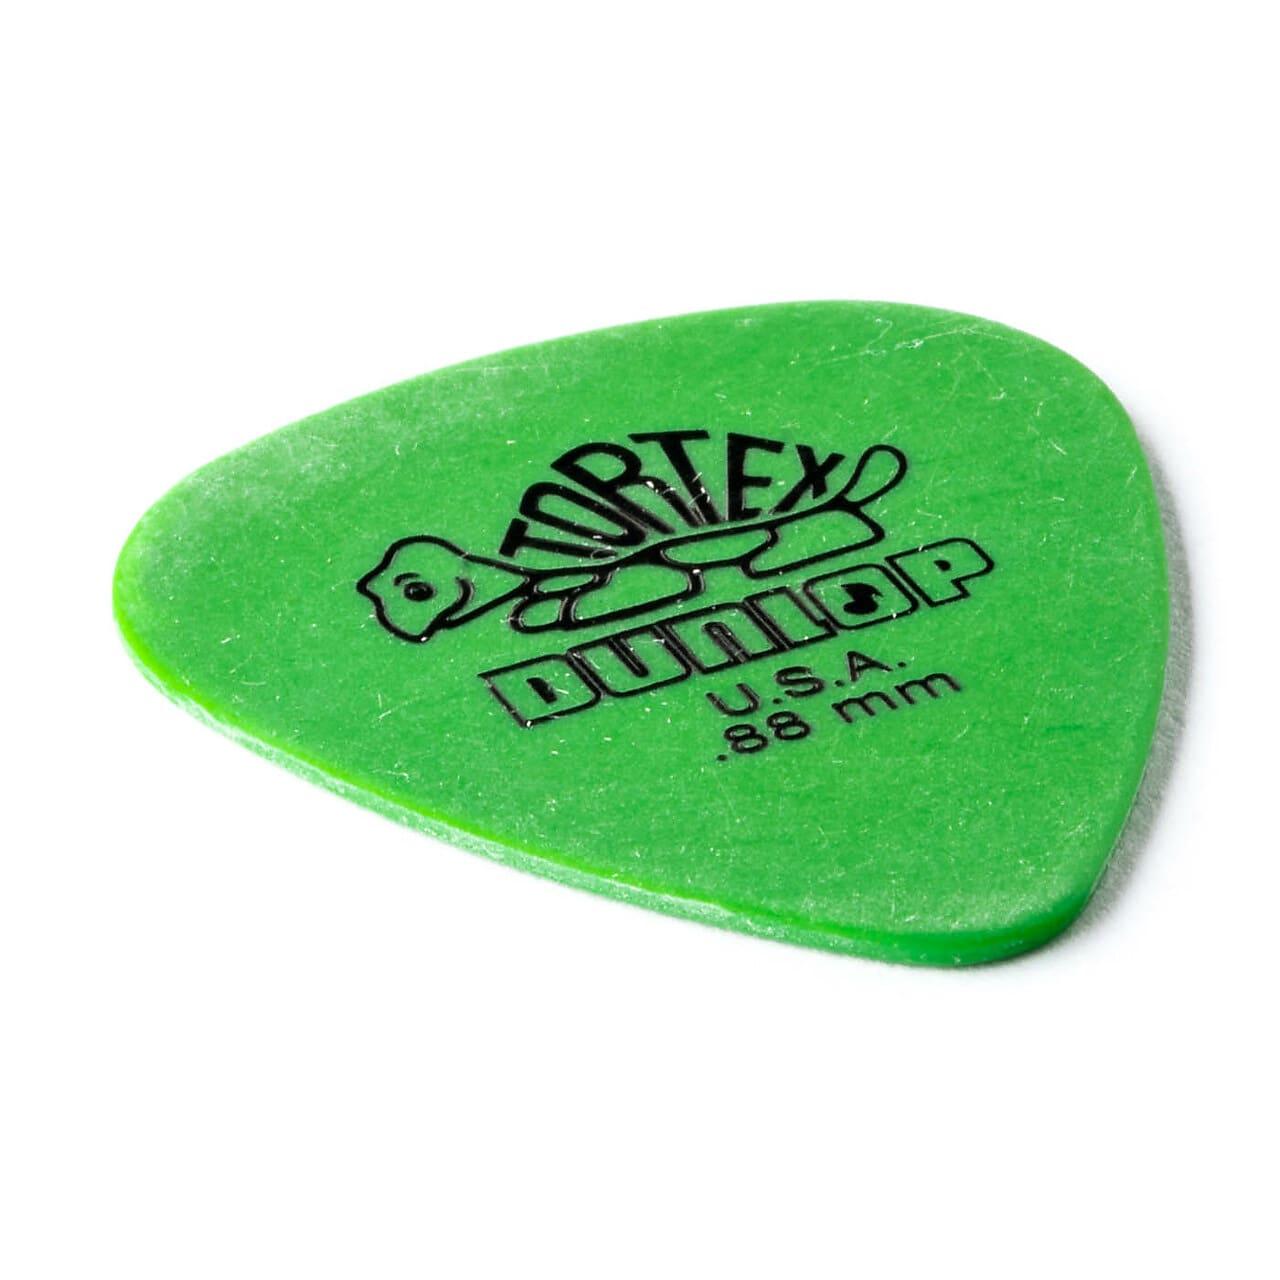 Dunlop 418P088 Tortex Standard Guitar Pick .88mm (12-Pack)